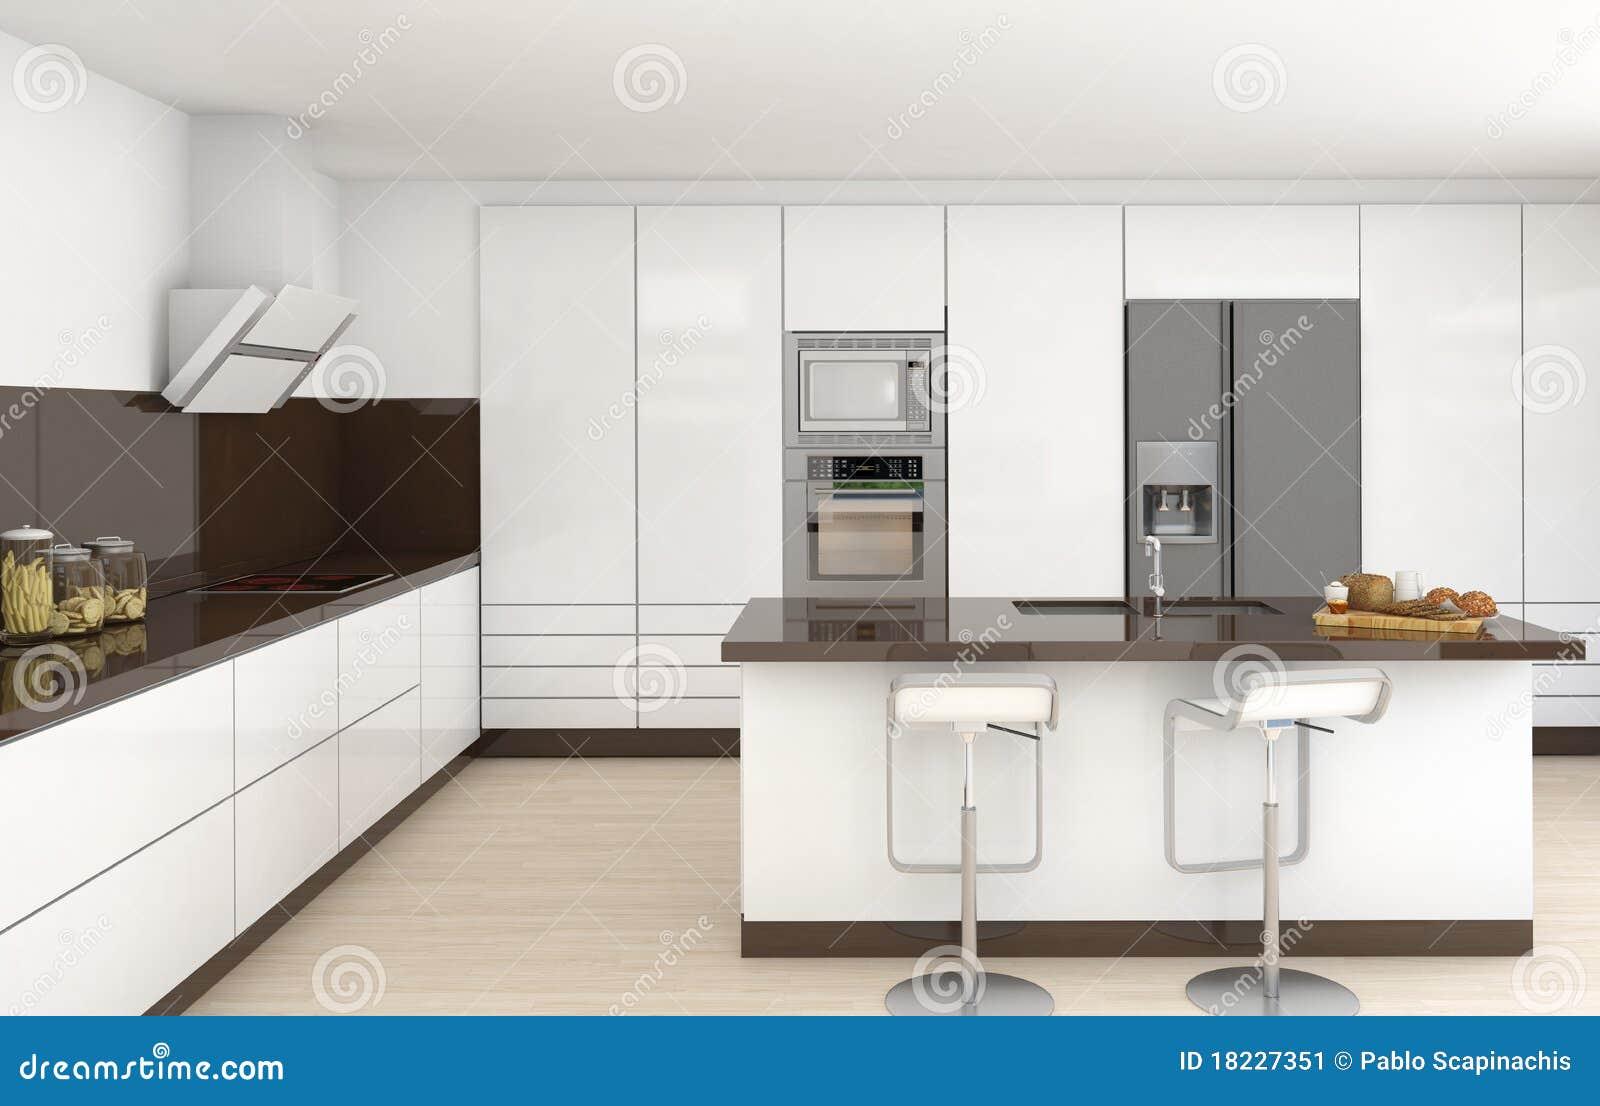 Cocina Blanca Y Marrón Interior Stock de ilustración - Ilustración ...